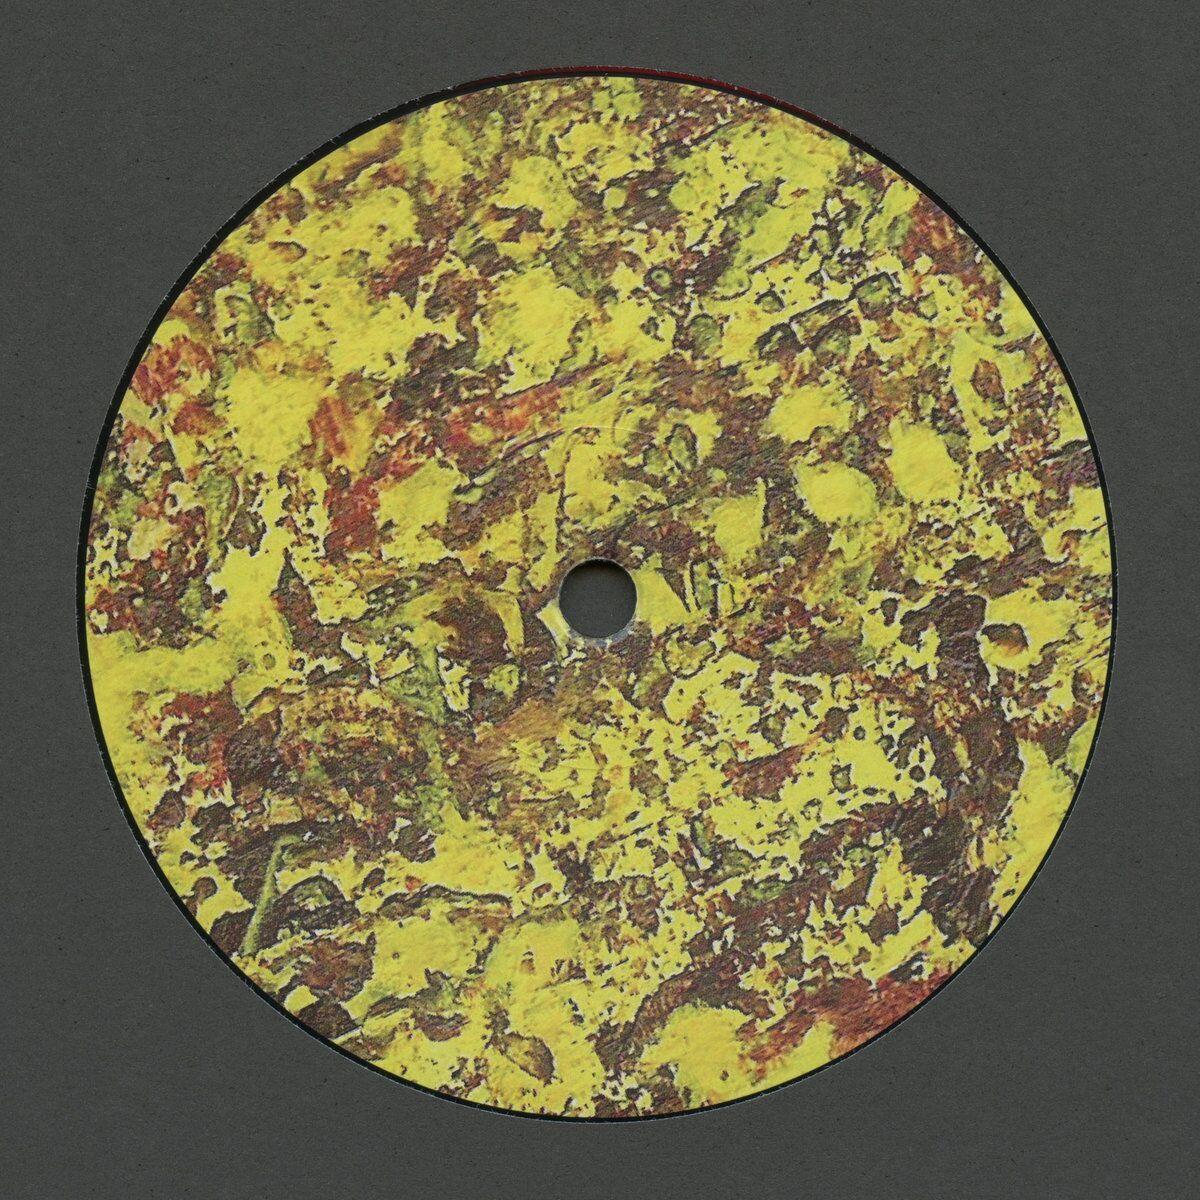 Stenny - Consume IV (Ilian Tape)